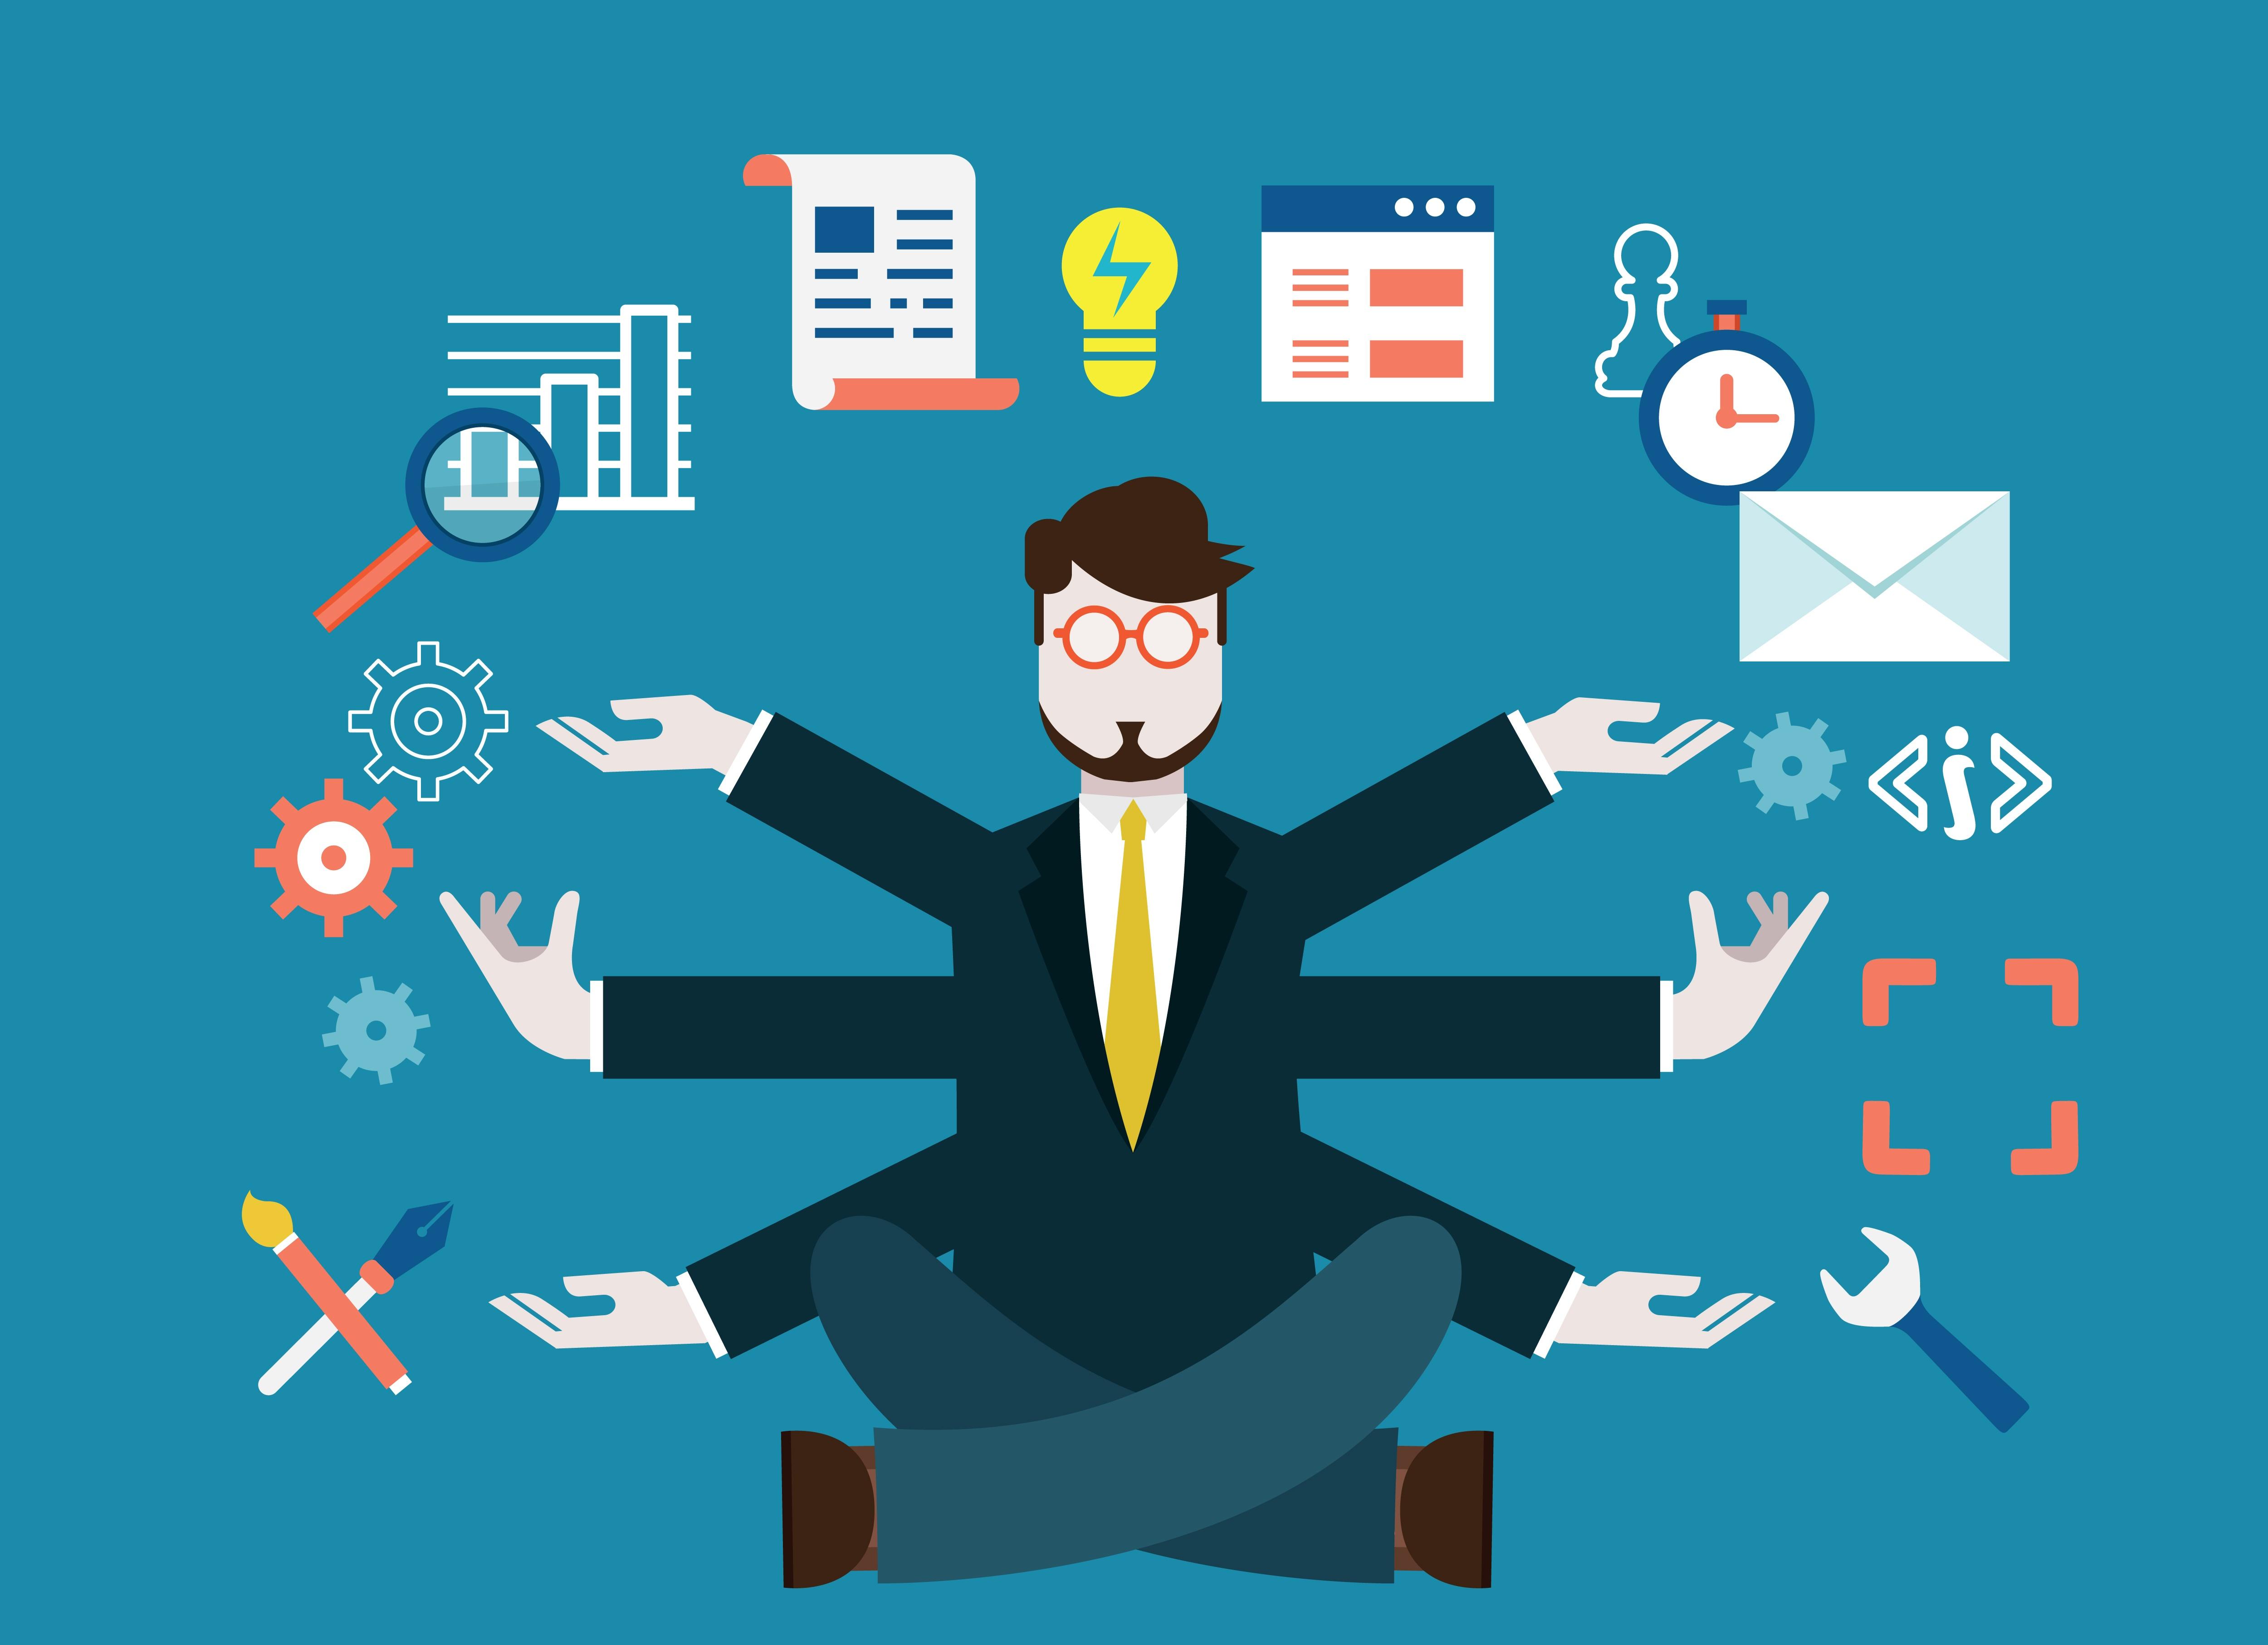 7._Como_gerenciar_melhor_seu_tempo_para_executar_todas_as_tarefas_do_dia